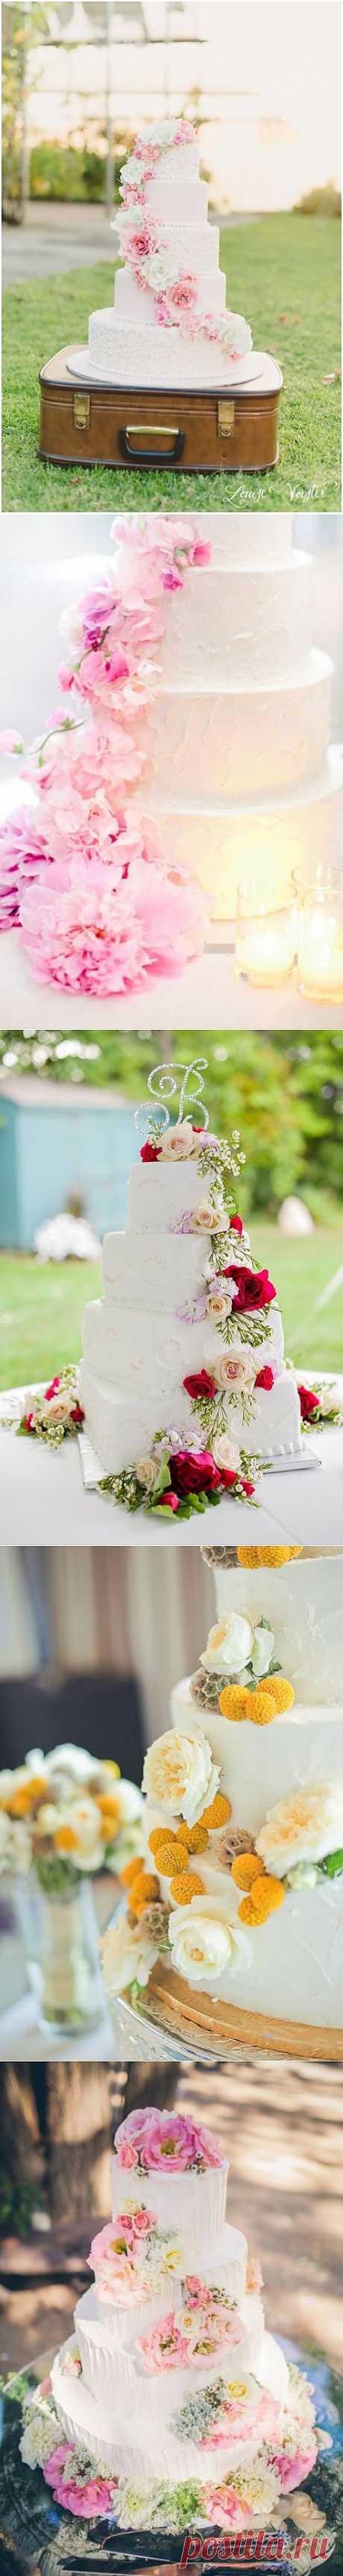 В тренде: украшение свадебного торта цветами - WeddyWood